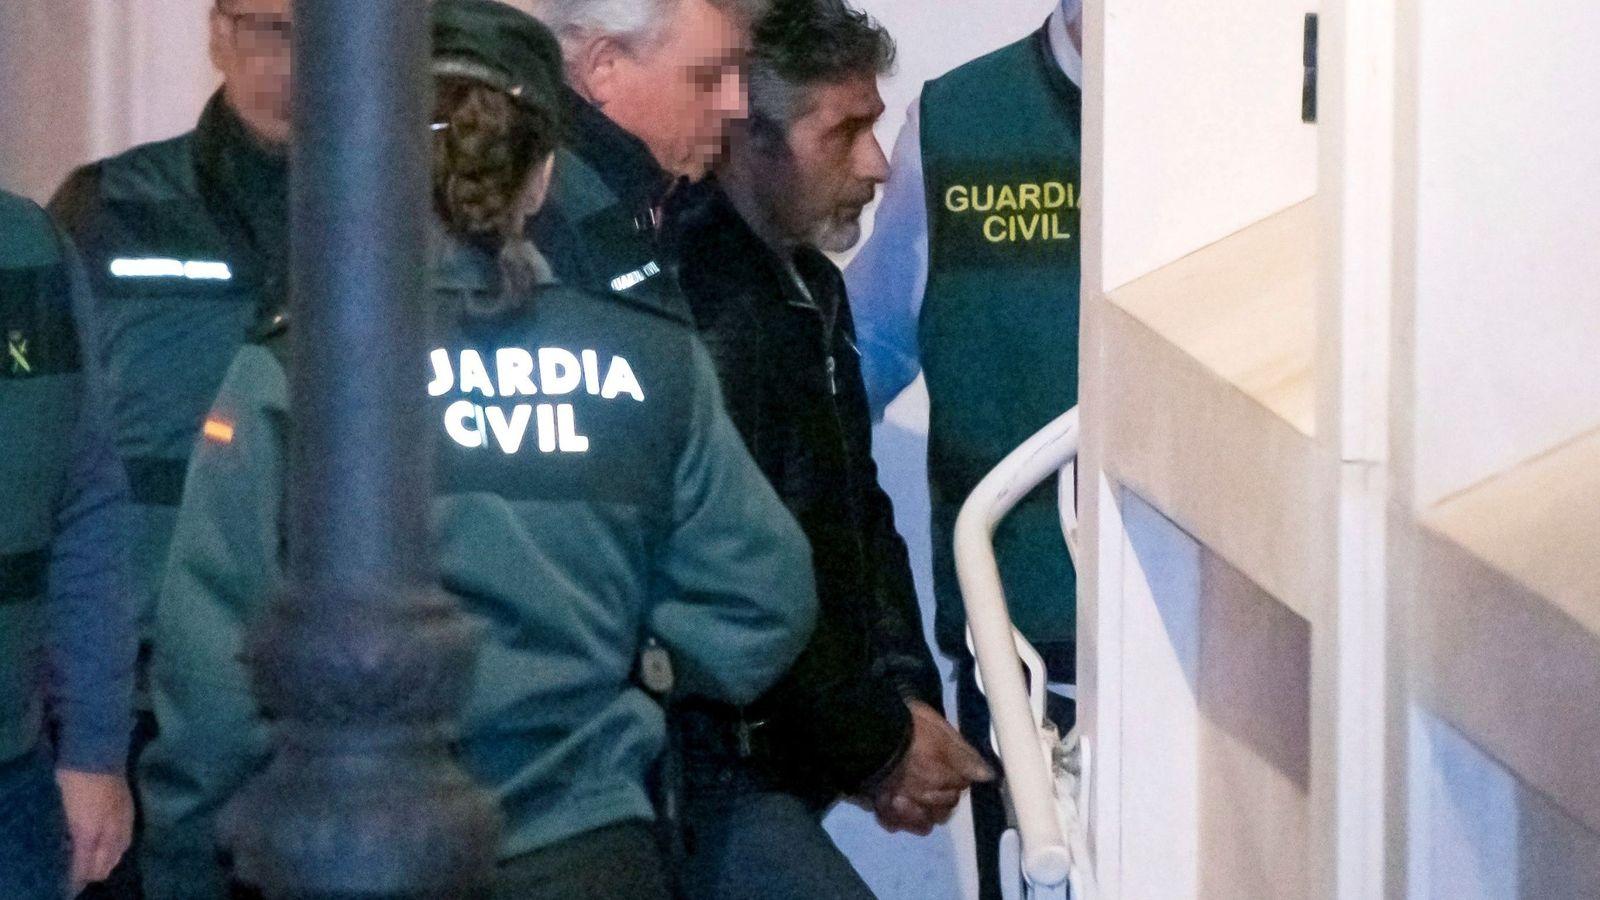 Foto: Bernardo montoya, en el momento de llegar al juzgado tras ser detenido